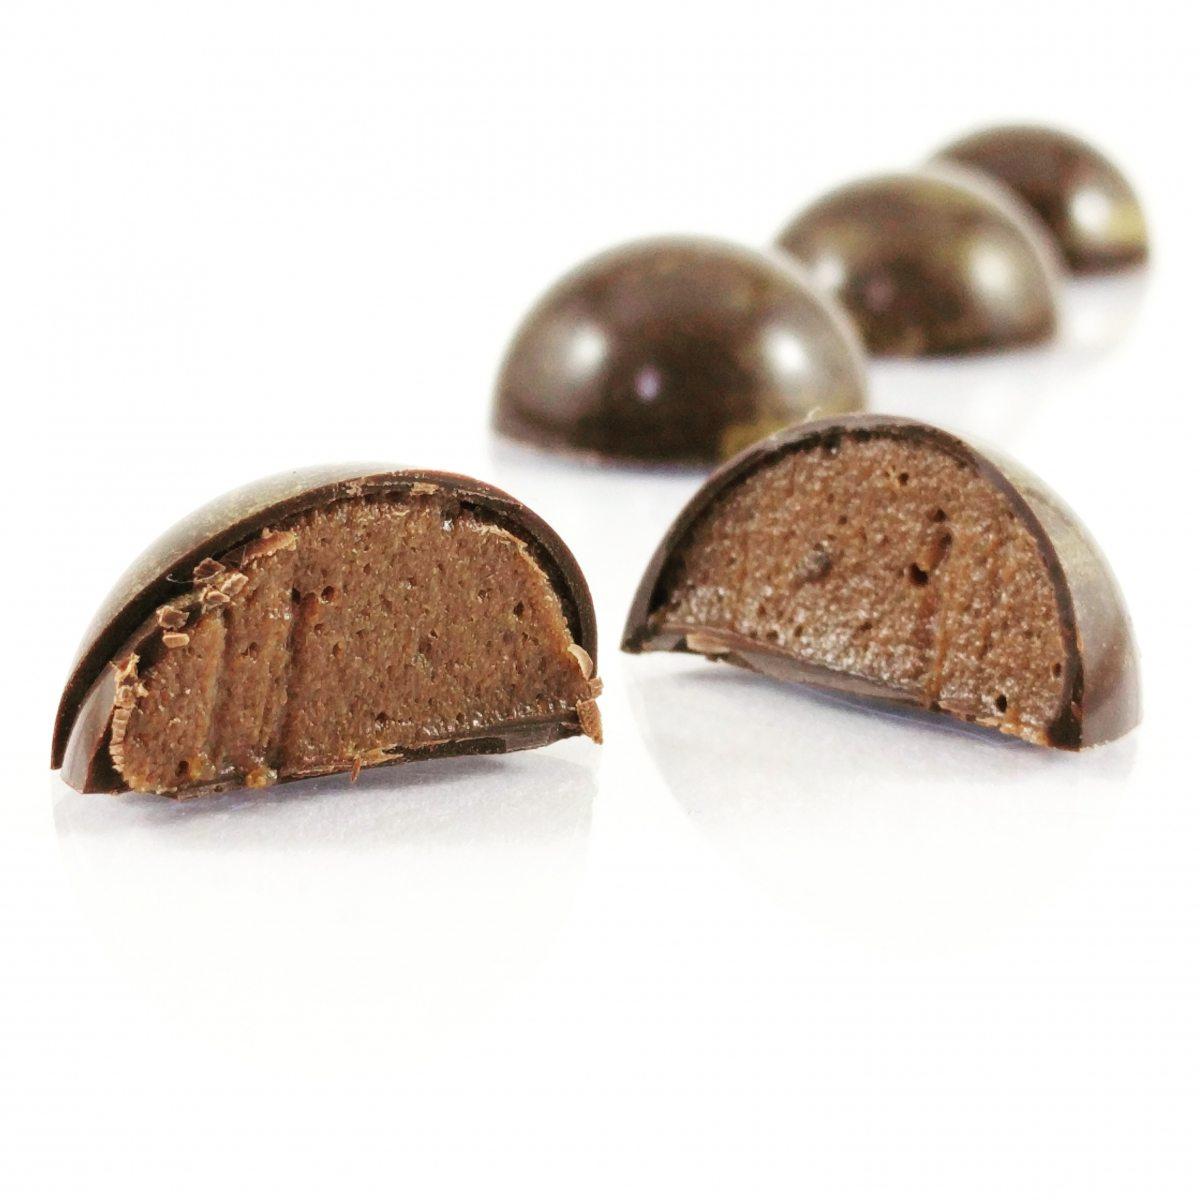 Bonbon chocolat banane caramel